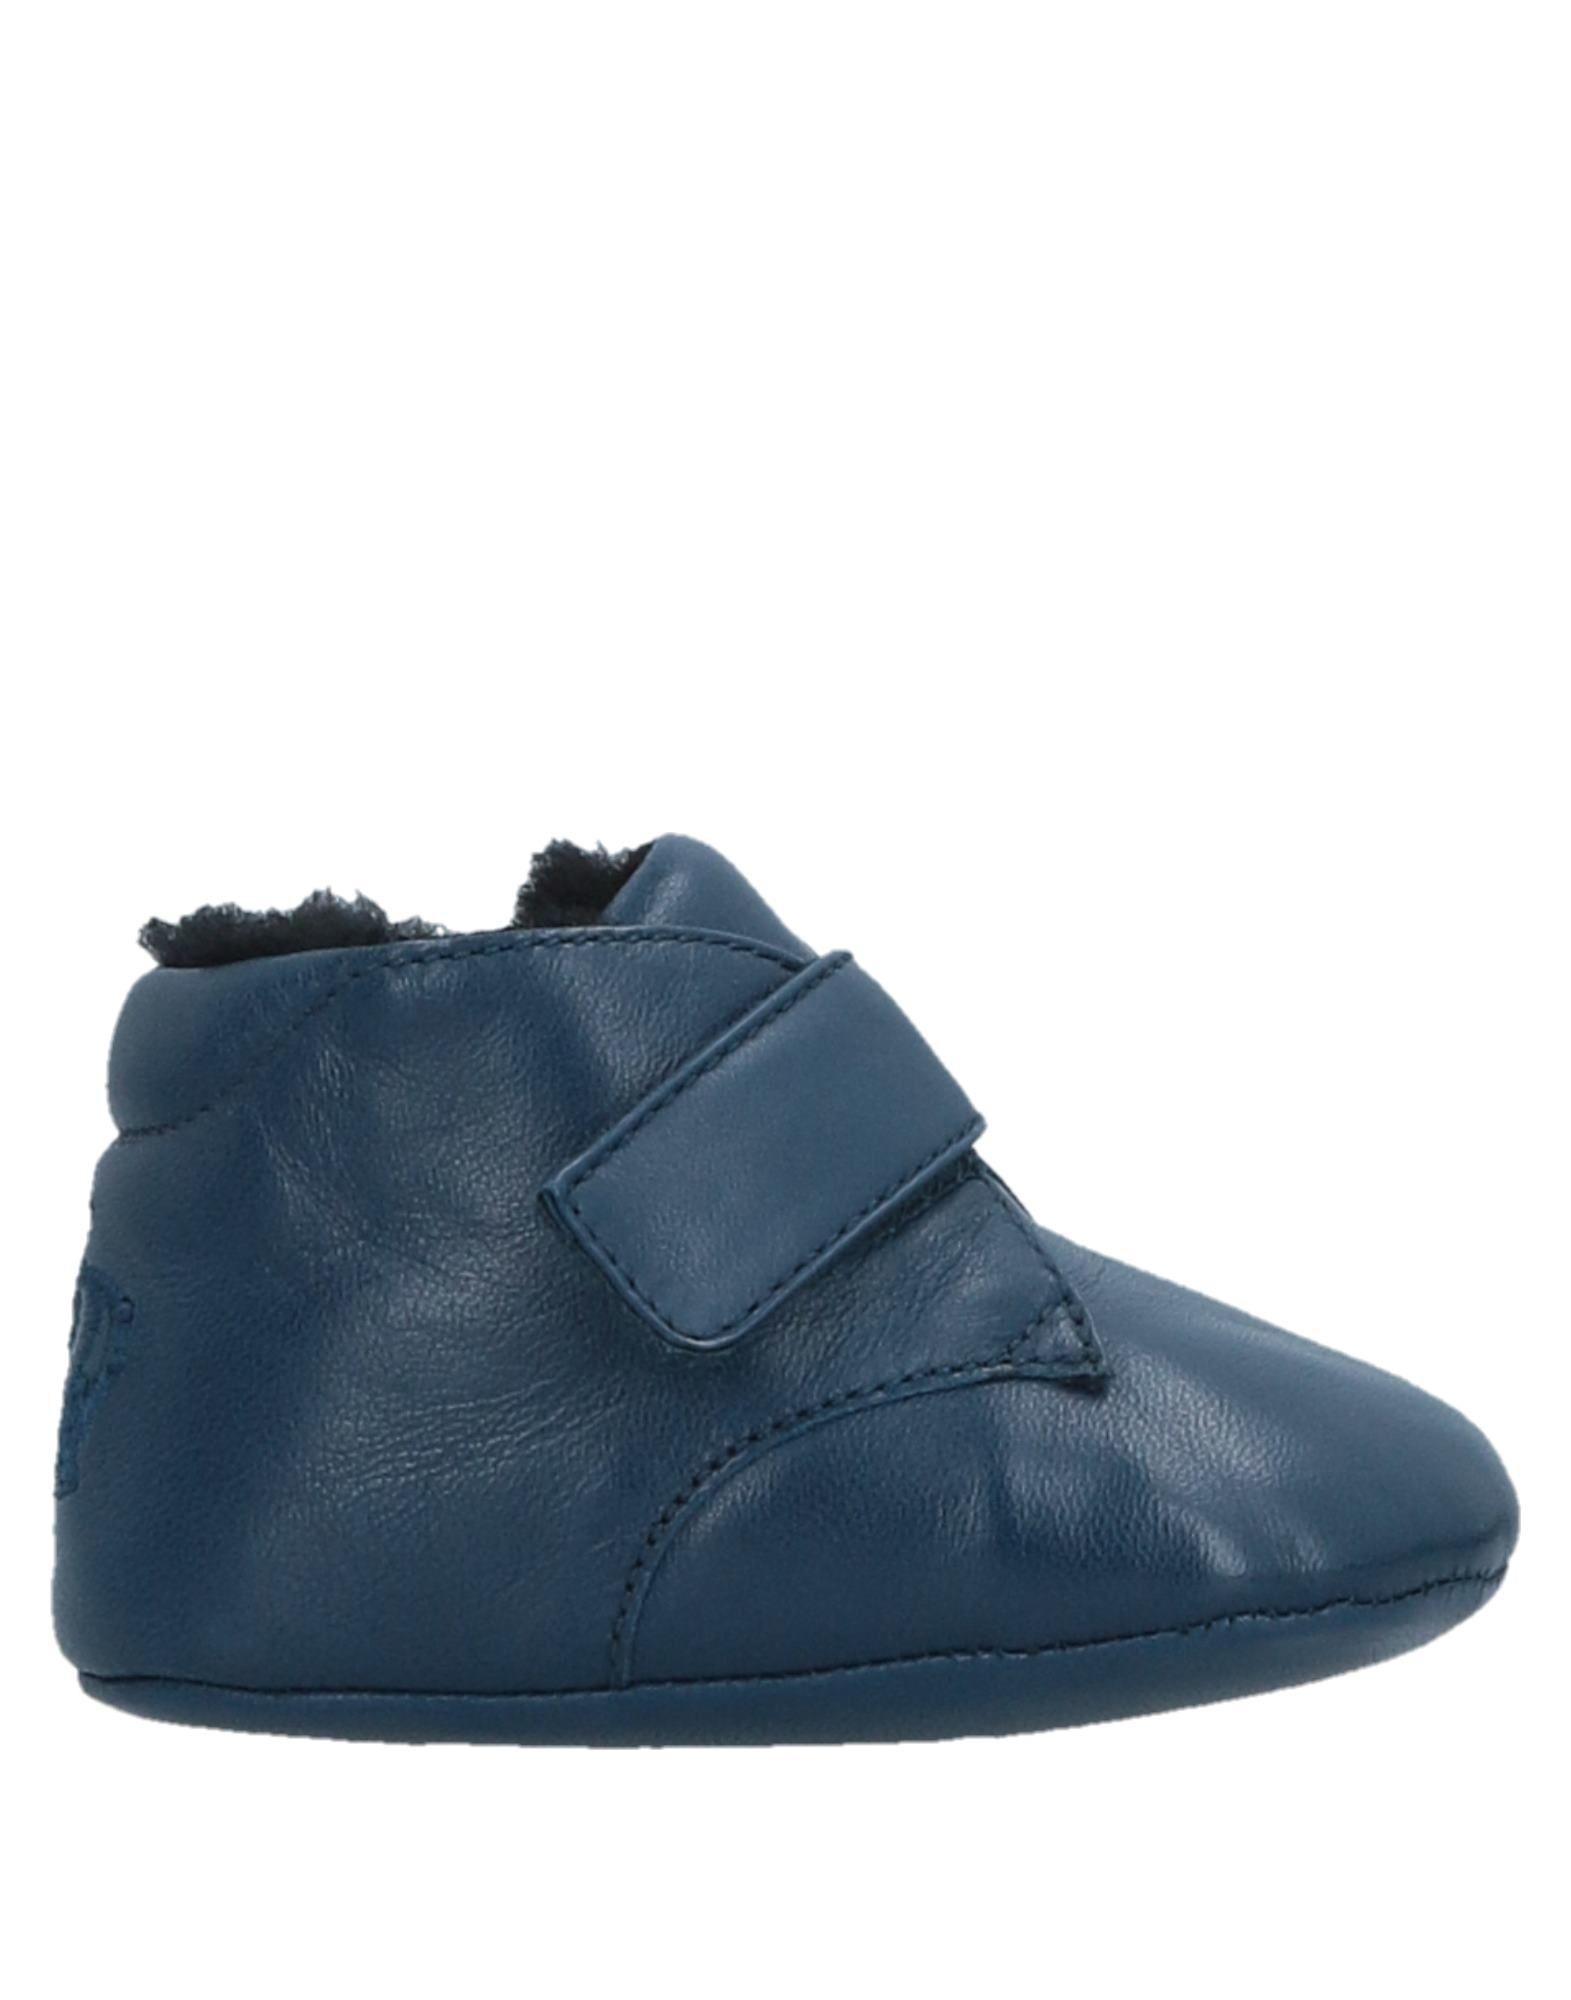 DOLCE & GABBANA Обувь для новорожденных